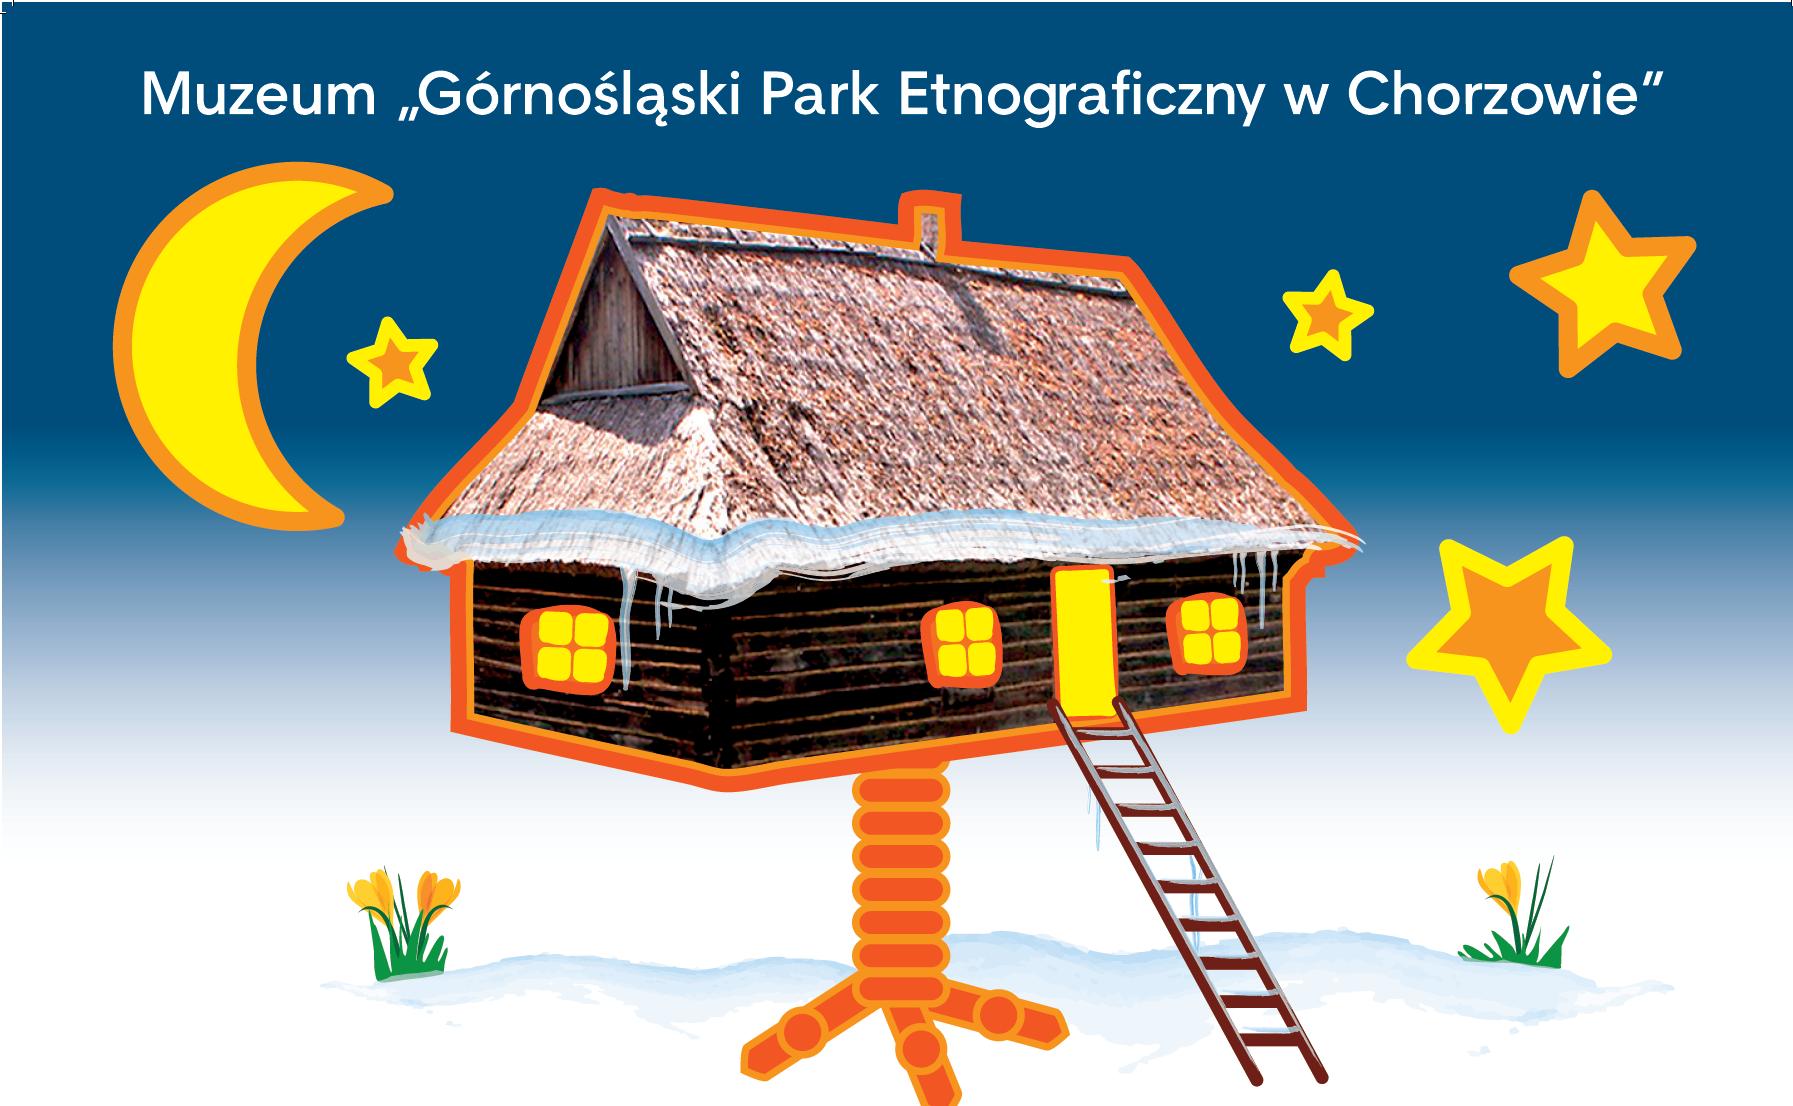 Dobranocka w Skansenie - Muzeum Górnośląski Park Etnograficzny w Chorzowie